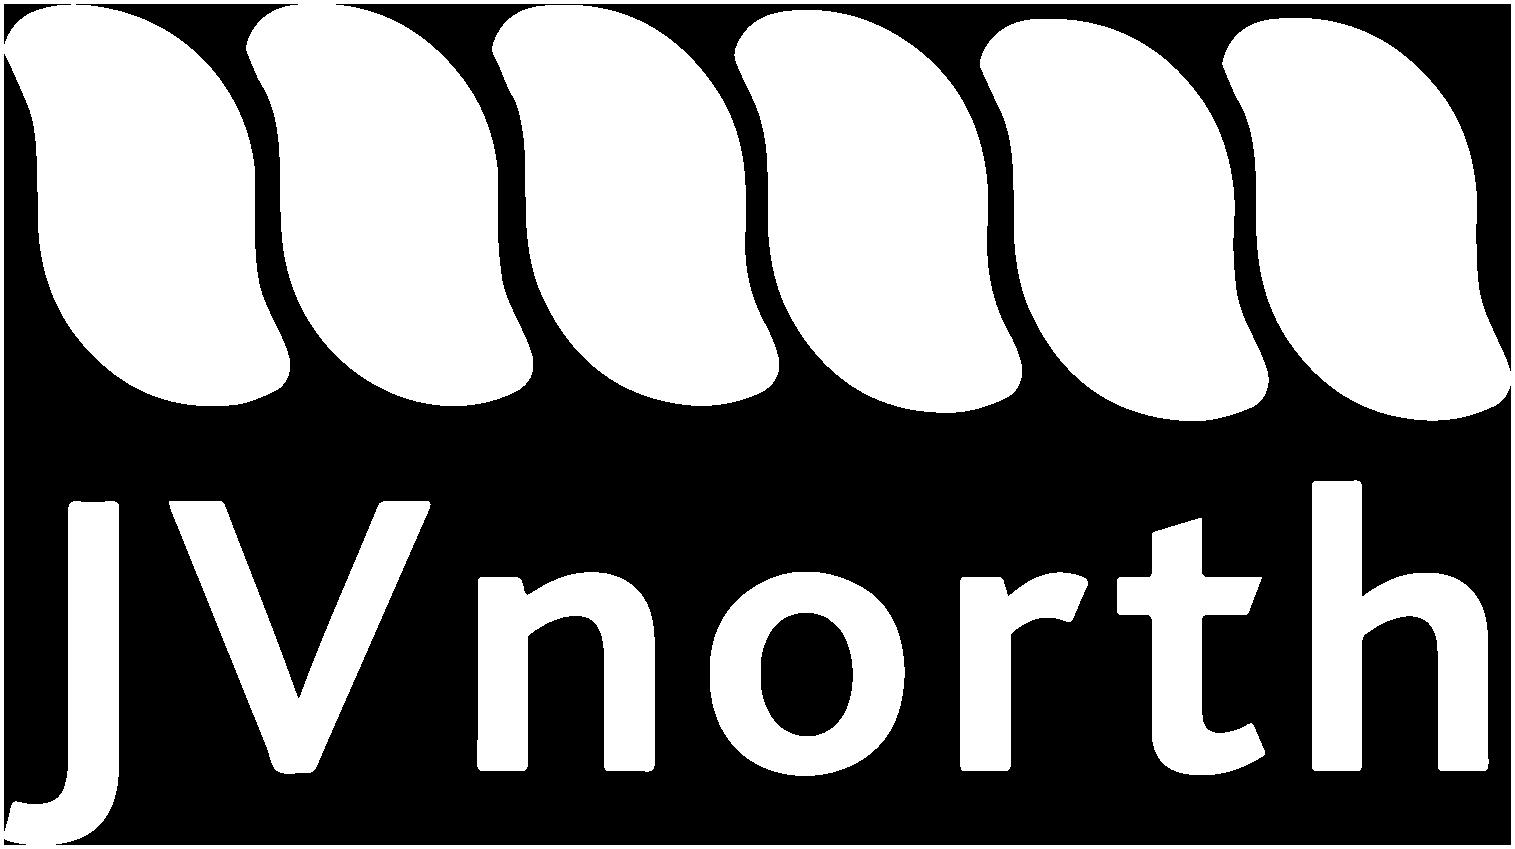 jv north logo